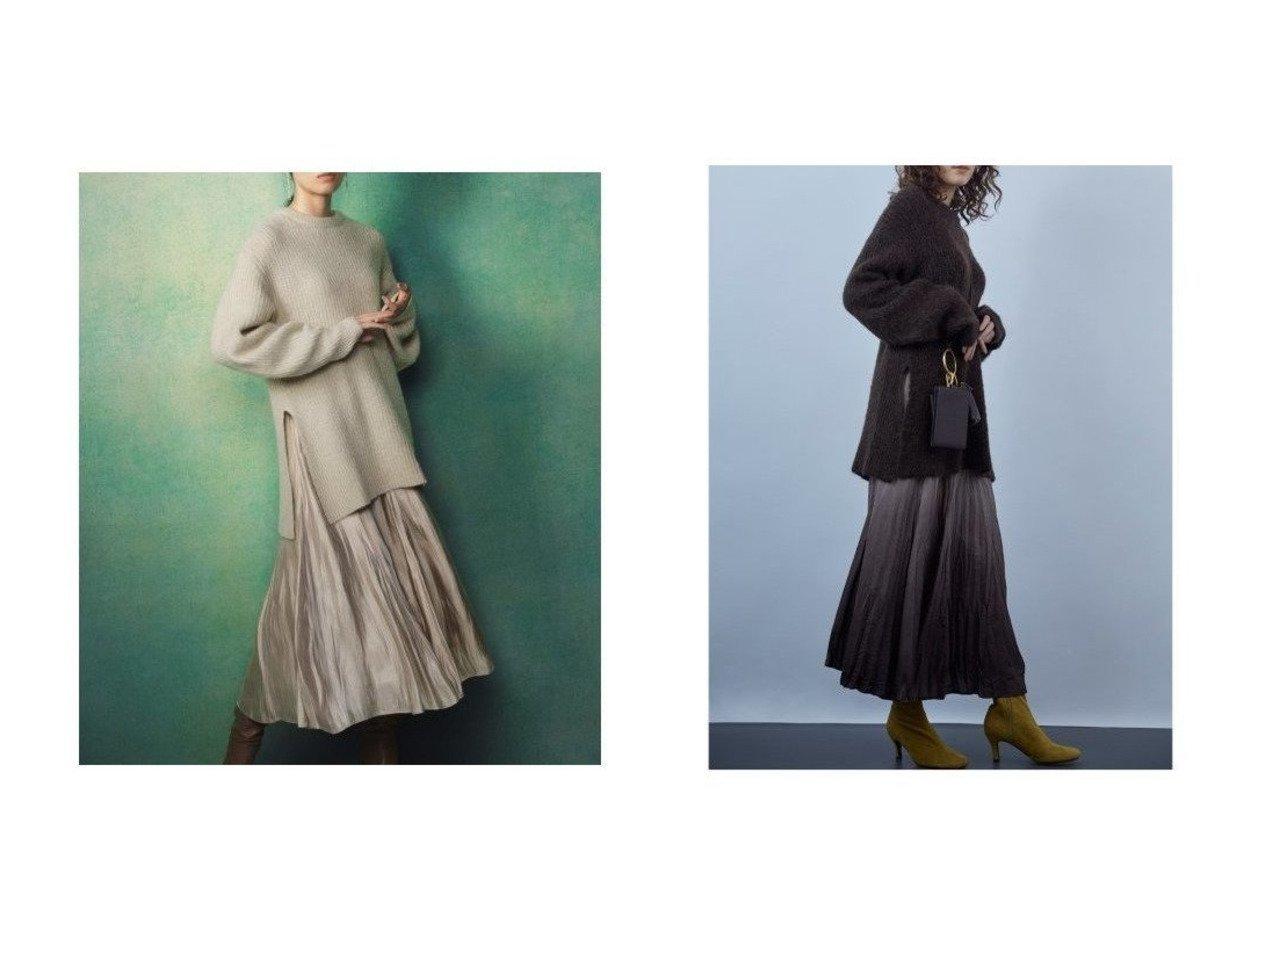 【Mila Owen/ミラオーウェン】のマチフレアスカート畦ニットSETUP ワンピース・ドレスのおすすめ!人気、トレンド・レディースファッションの通販 おすすめで人気の流行・トレンド、ファッションの通販商品 メンズファッション・キッズファッション・インテリア・家具・レディースファッション・服の通販 founy(ファニー) https://founy.com/ ファッション Fashion レディースファッション WOMEN セットアップ Setup トップス Tops スカート Skirt スカート Skirt Aライン/フレアスカート Flared A-Line Skirts A/W 秋冬 AW Autumn/Winter / FW Fall-Winter グラデーション スマート セットアップ フレア 再入荷 Restock/Back in Stock/Re Arrival 畦 |ID:crp329100000015418